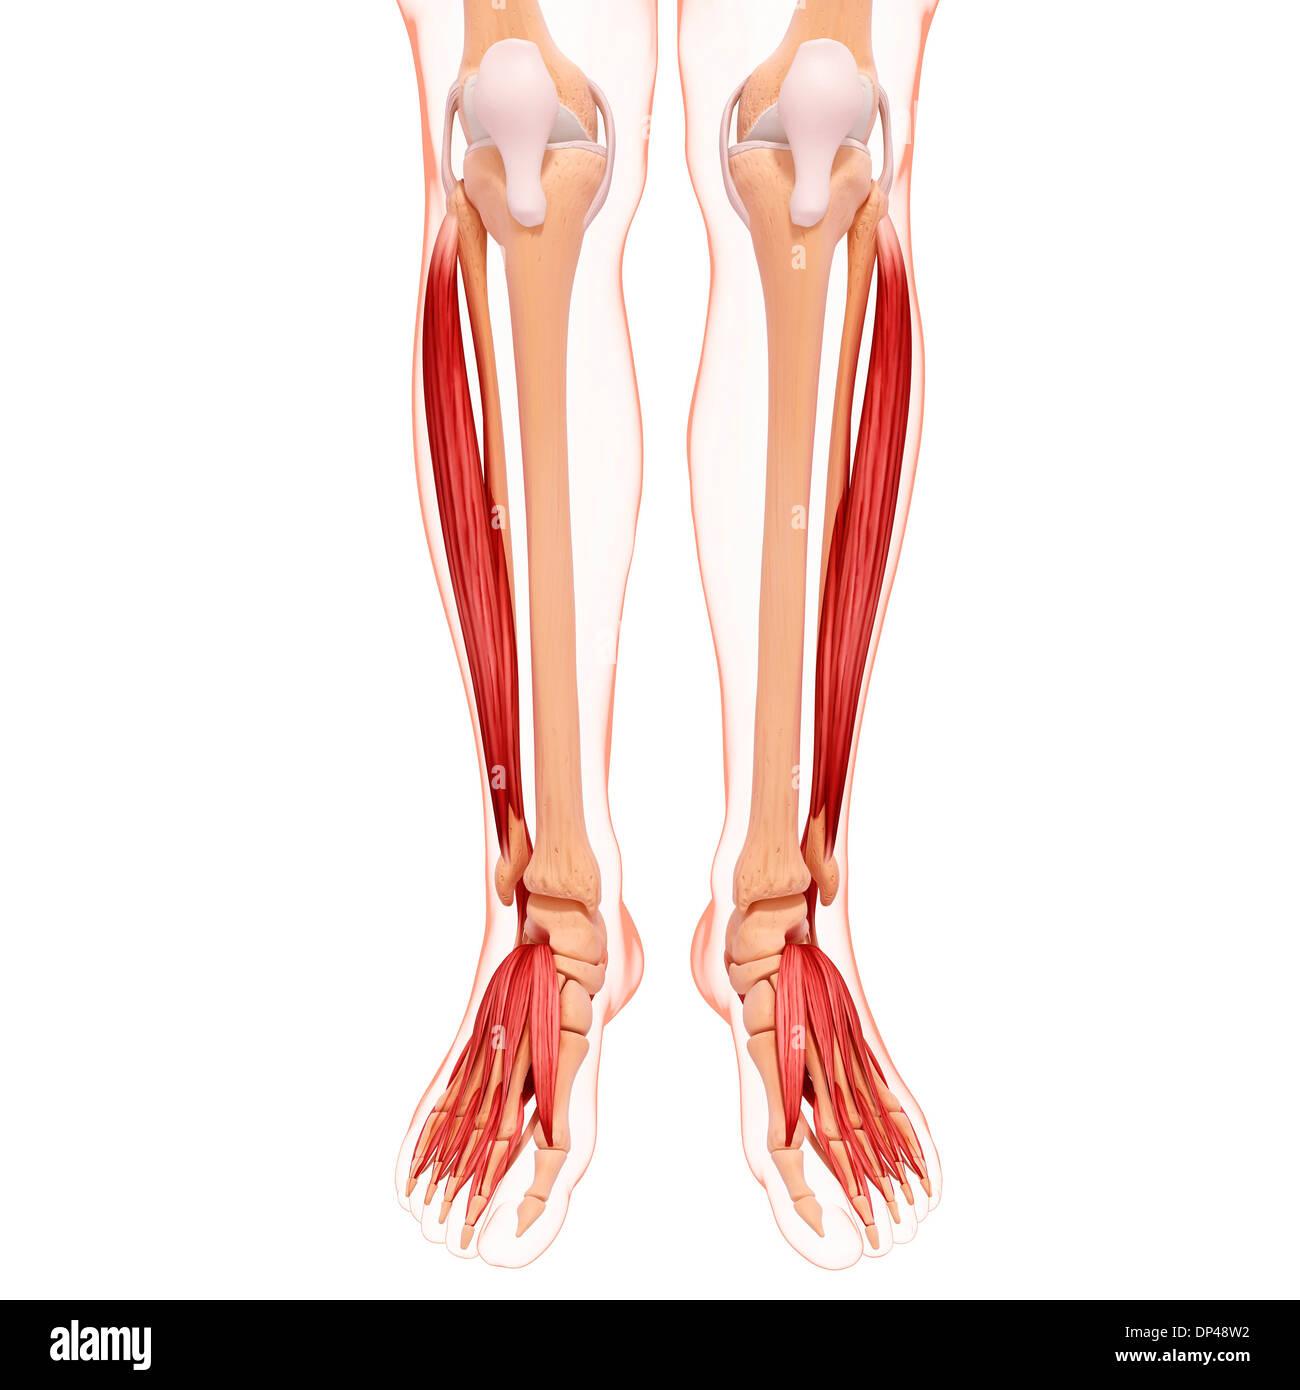 Wunderbar Anatomie Der Beinmuskulatur Und Sehnen Fotos - Menschliche ...